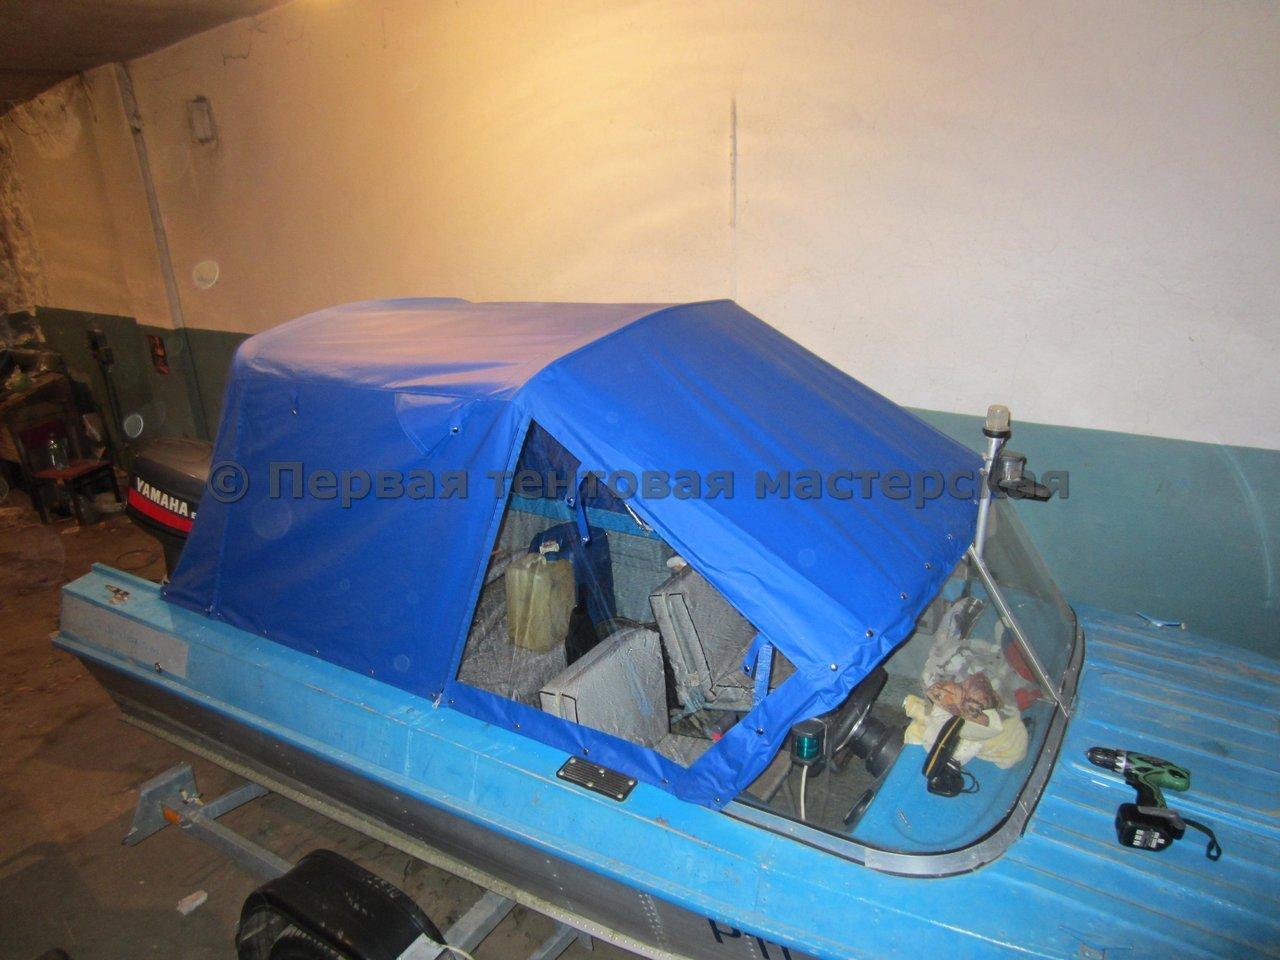 tents14_057